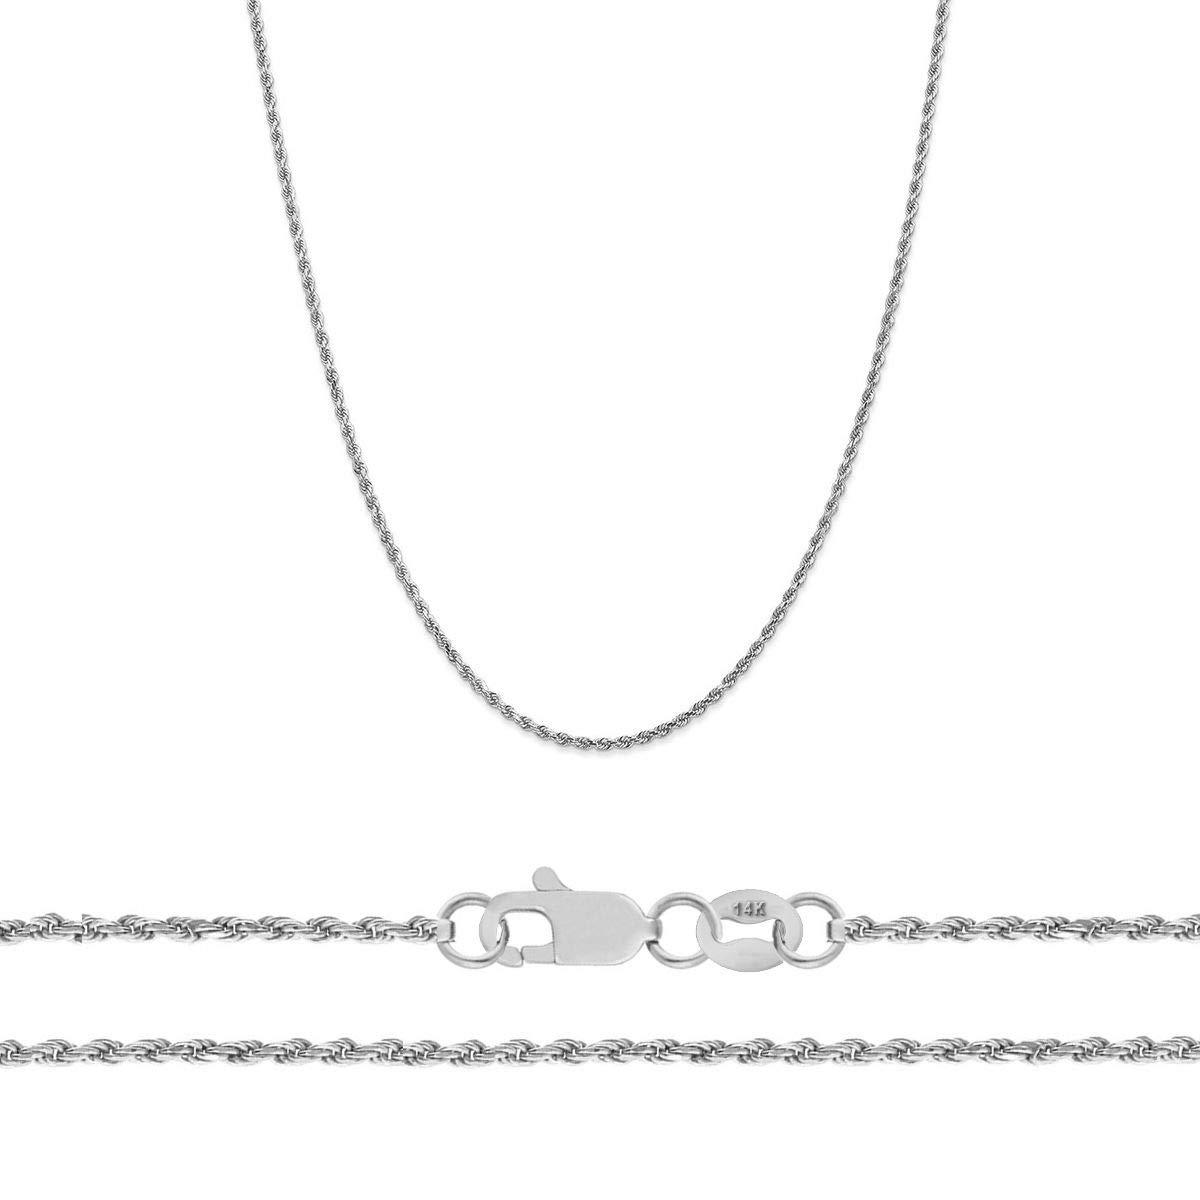 e8517f3d239c5 Mens Gold Chain Necklace Diamonds Top Deals & Lowest Price ...